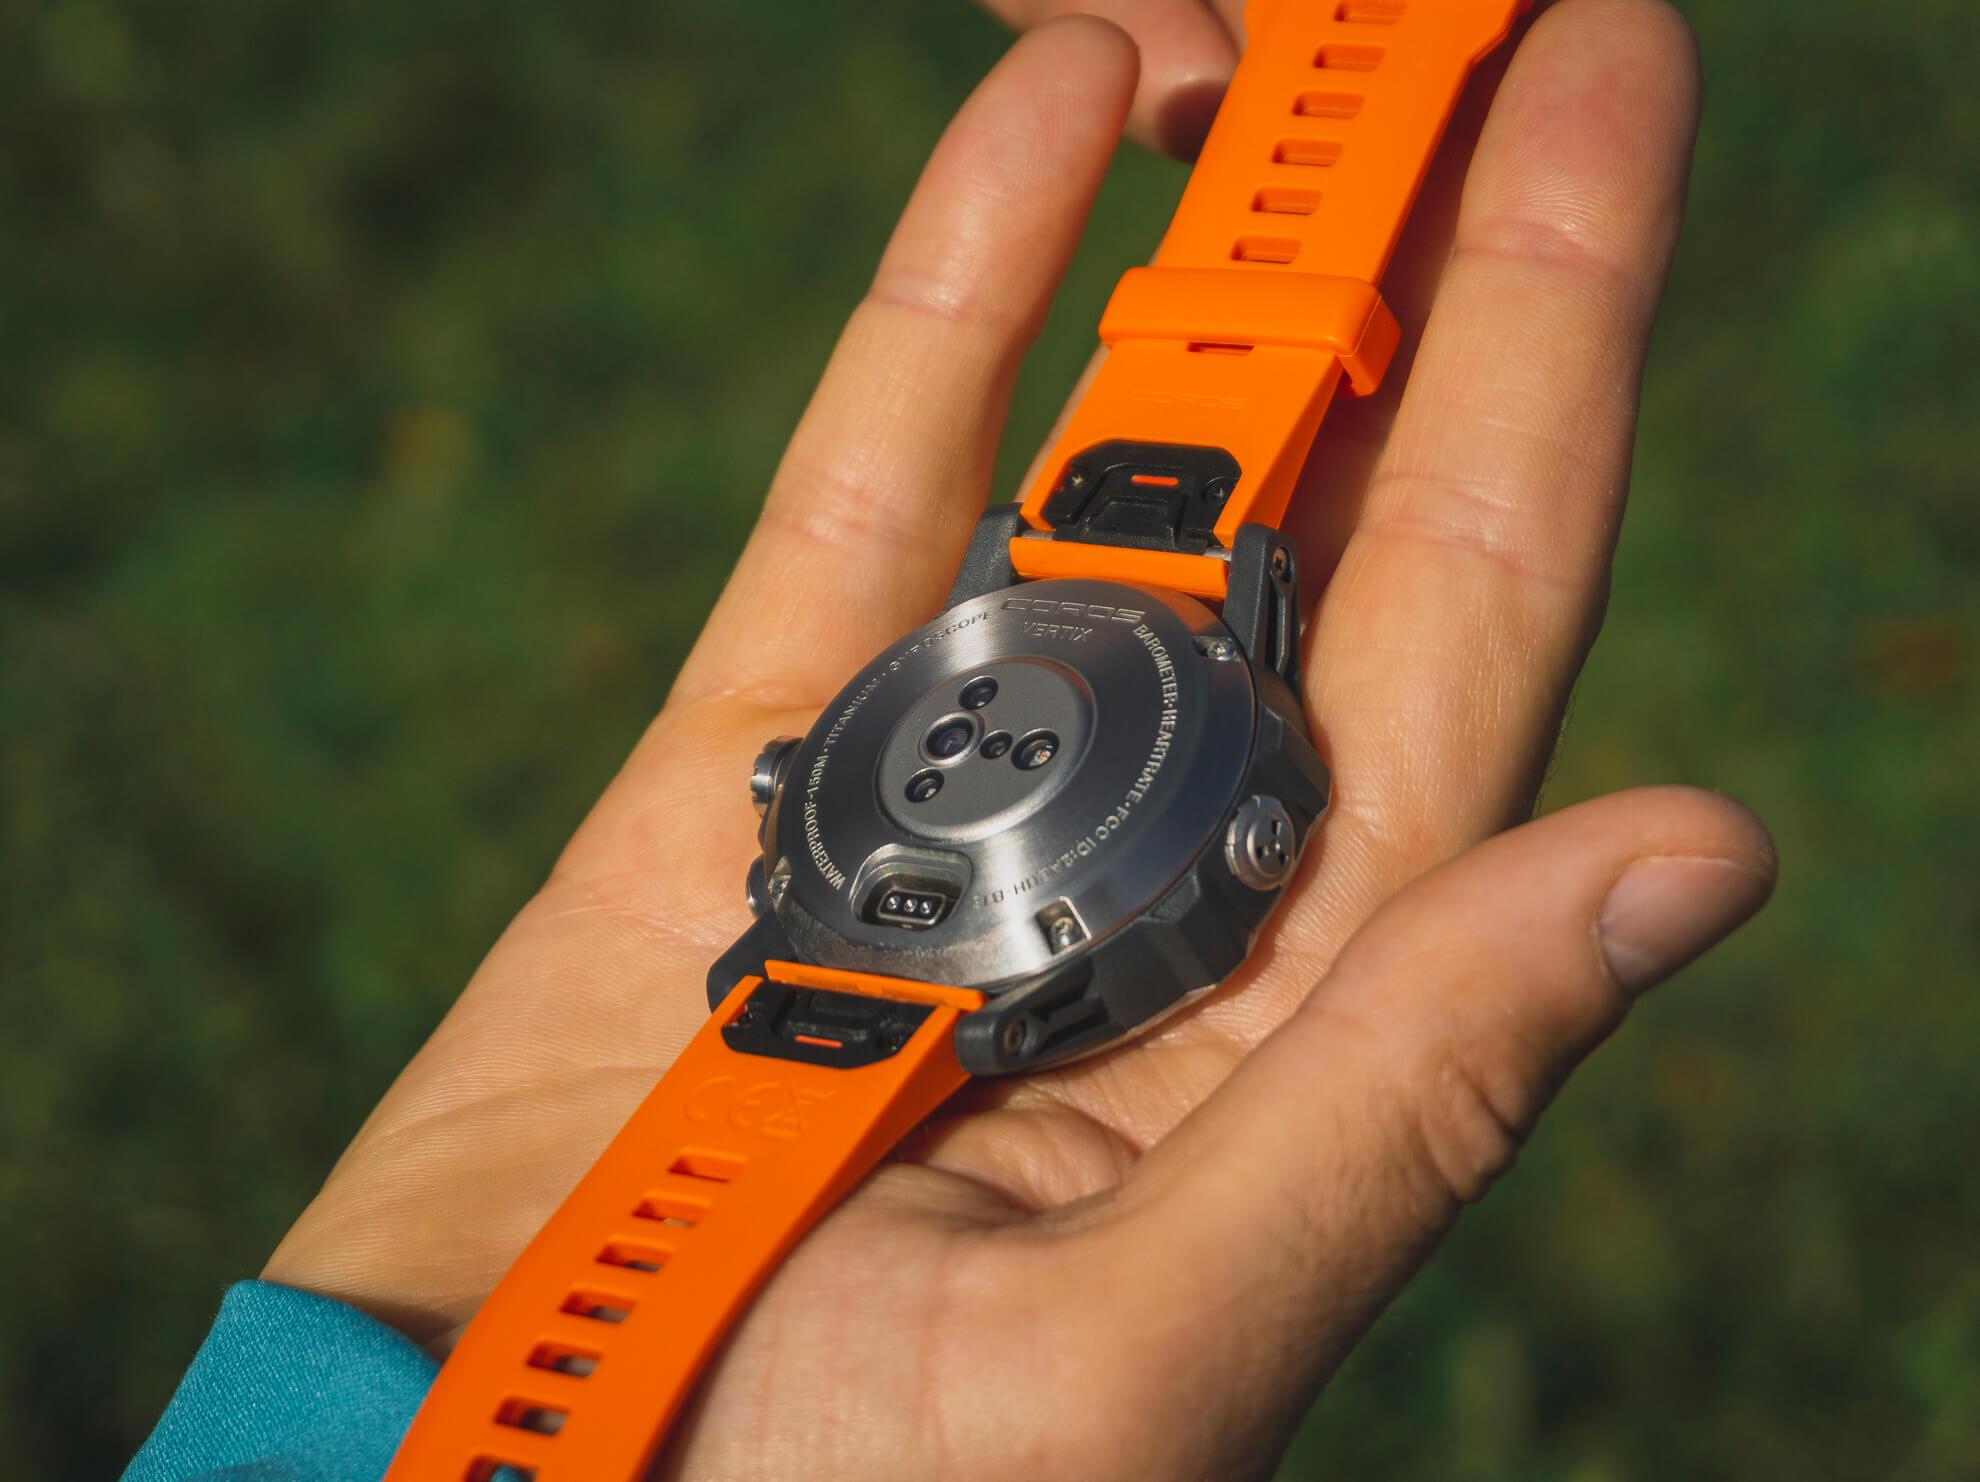 Zadný kryt a obruč okolo displeja sú k telu hodiniek priskrutkované.